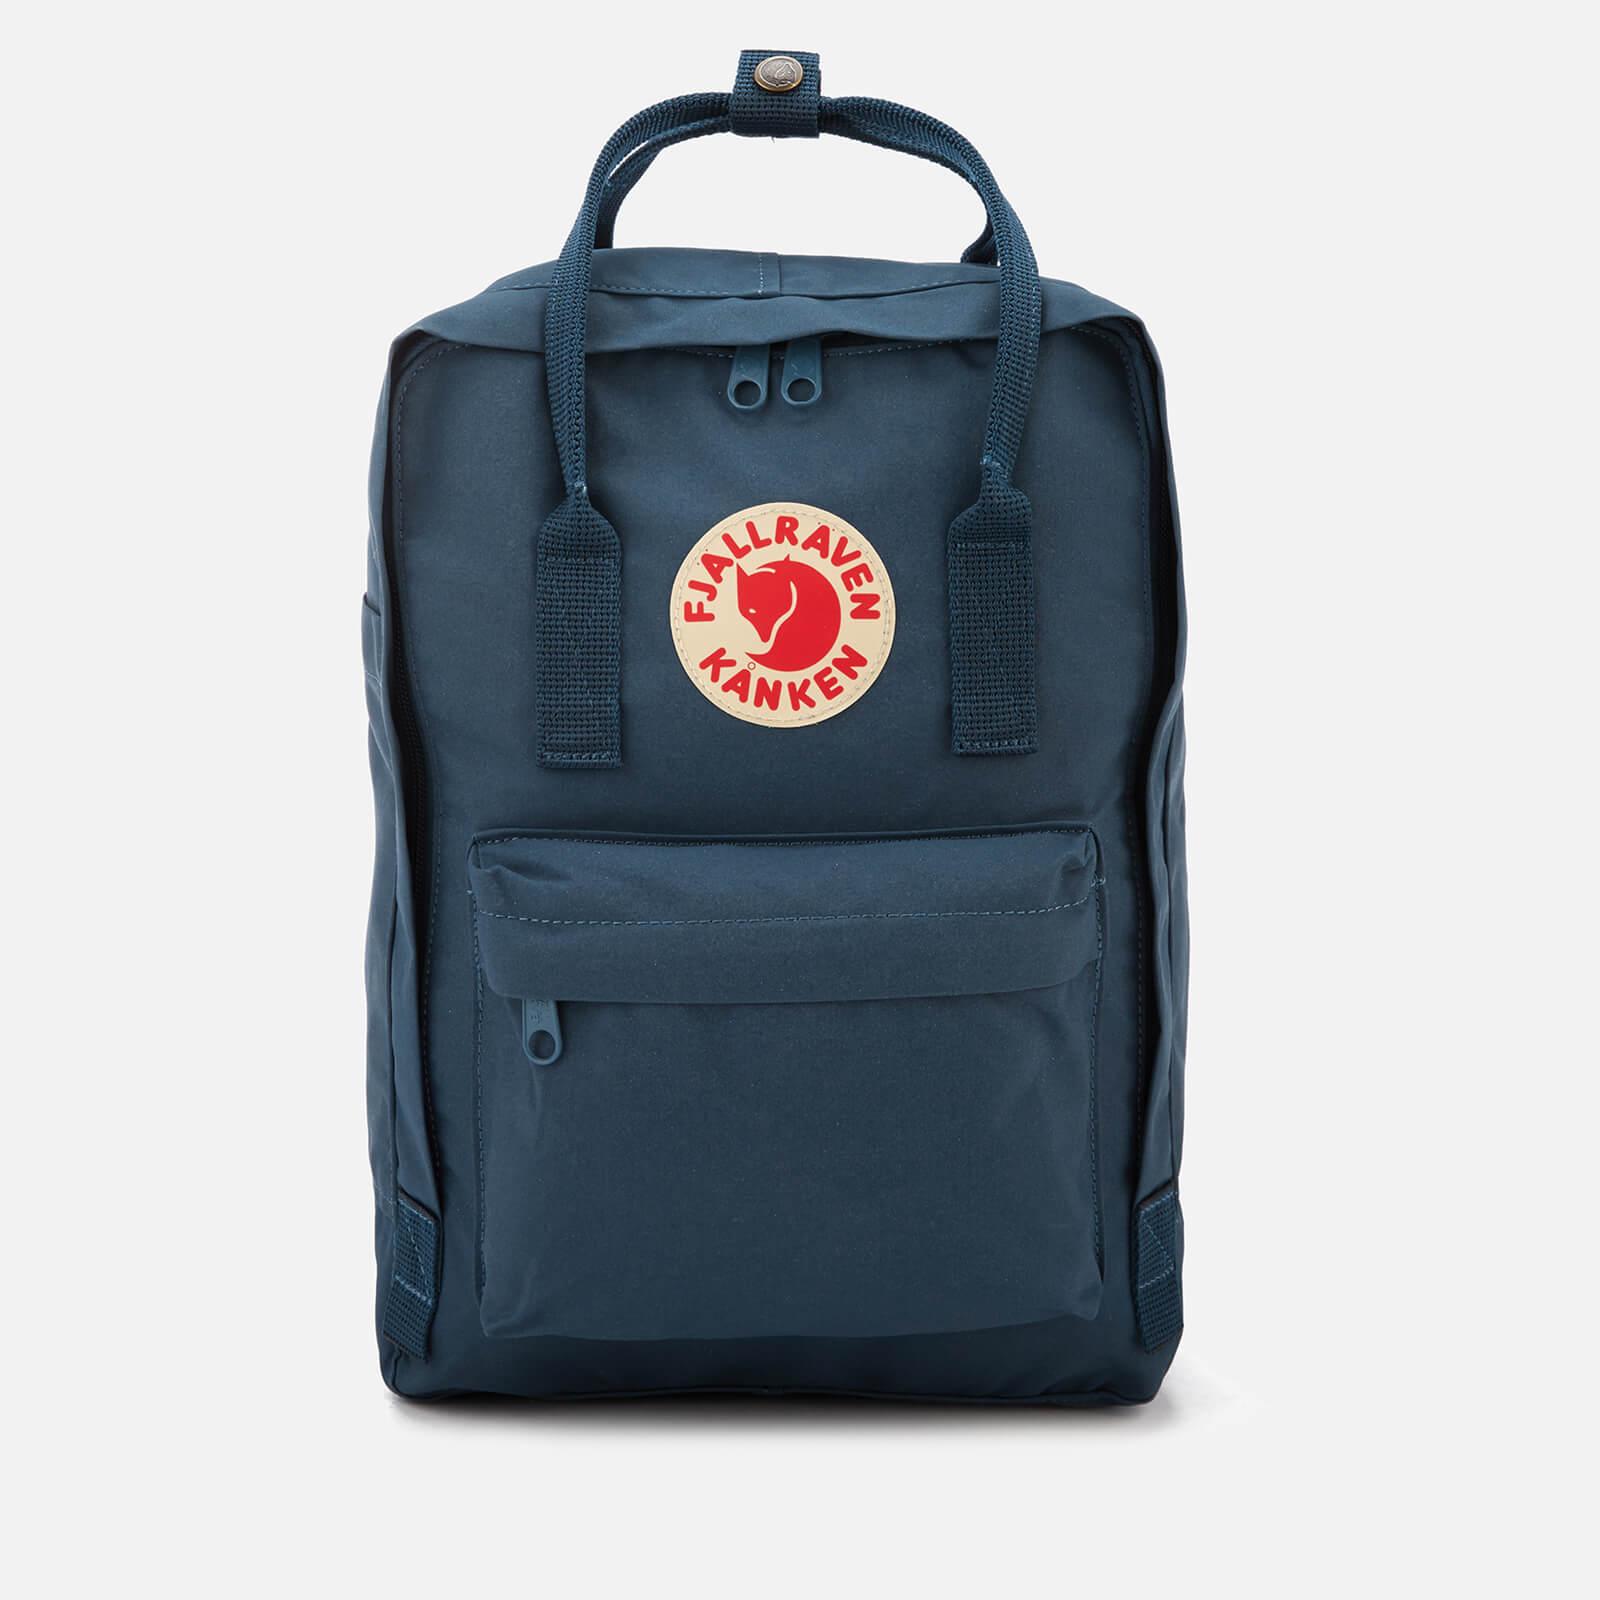 Fjallraven 13 Inch Laptop Backpack - Royal Blue